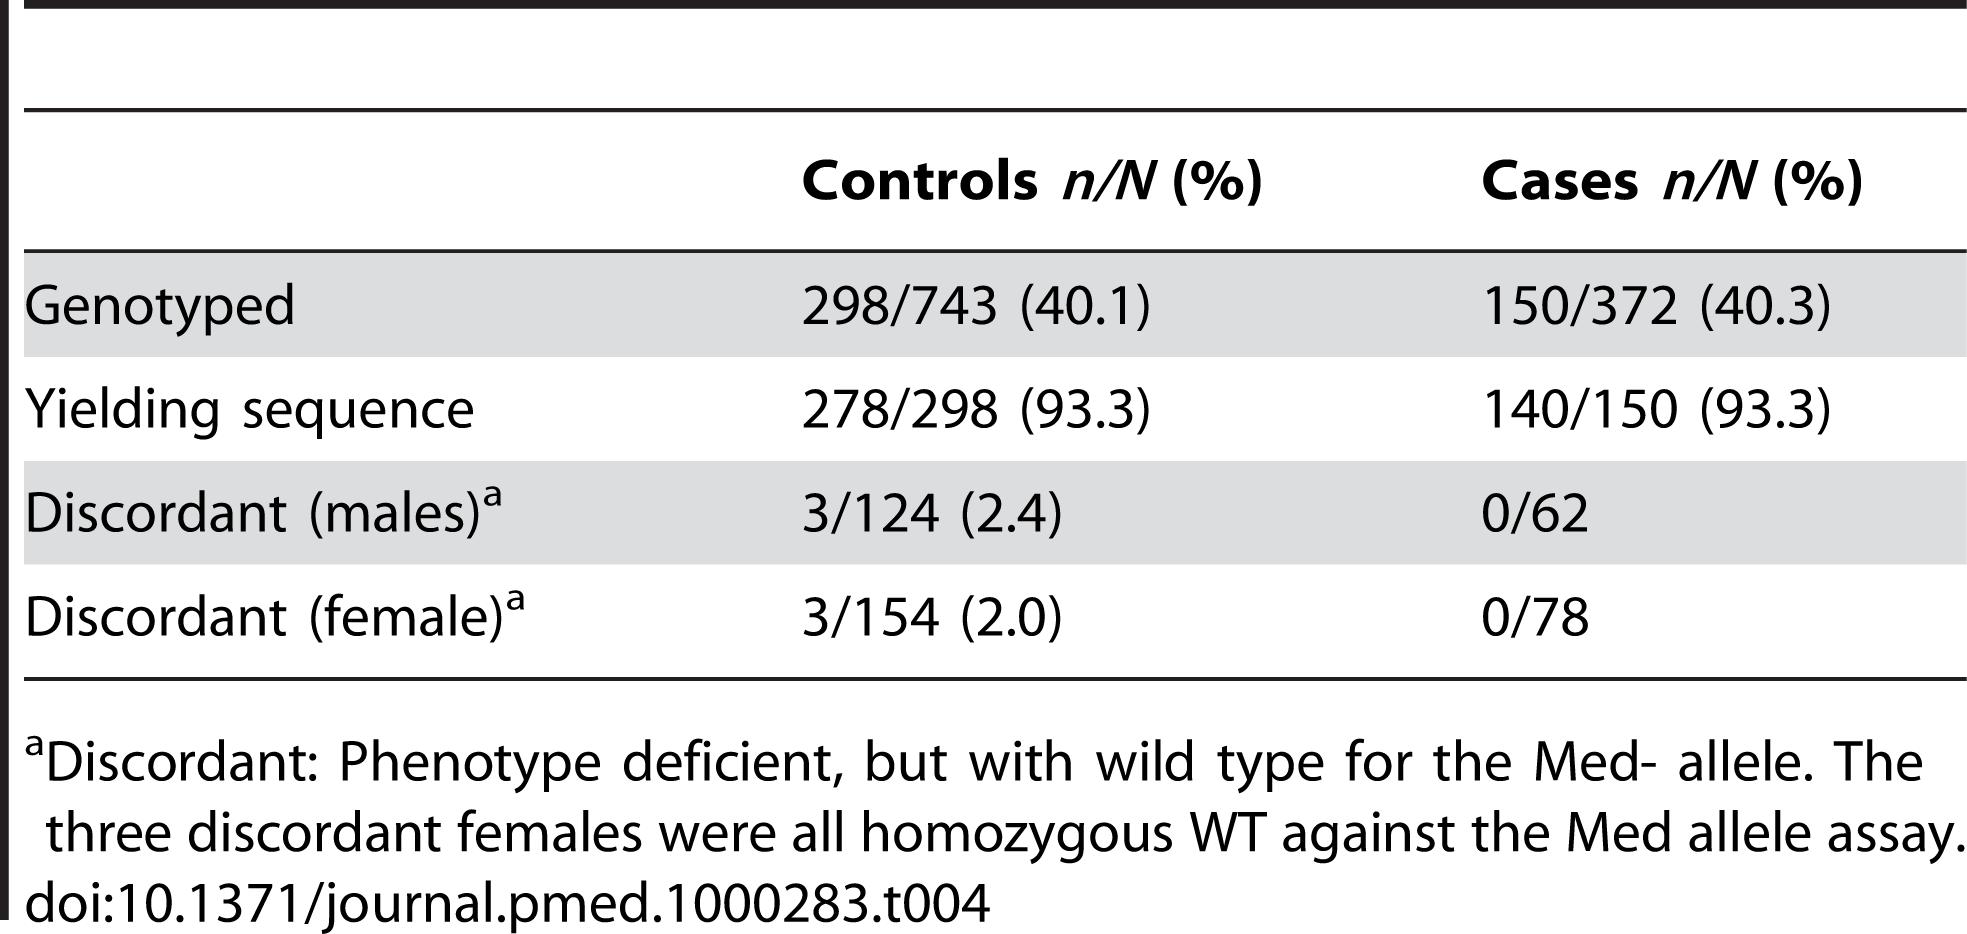 Sample description for genotyped samples.